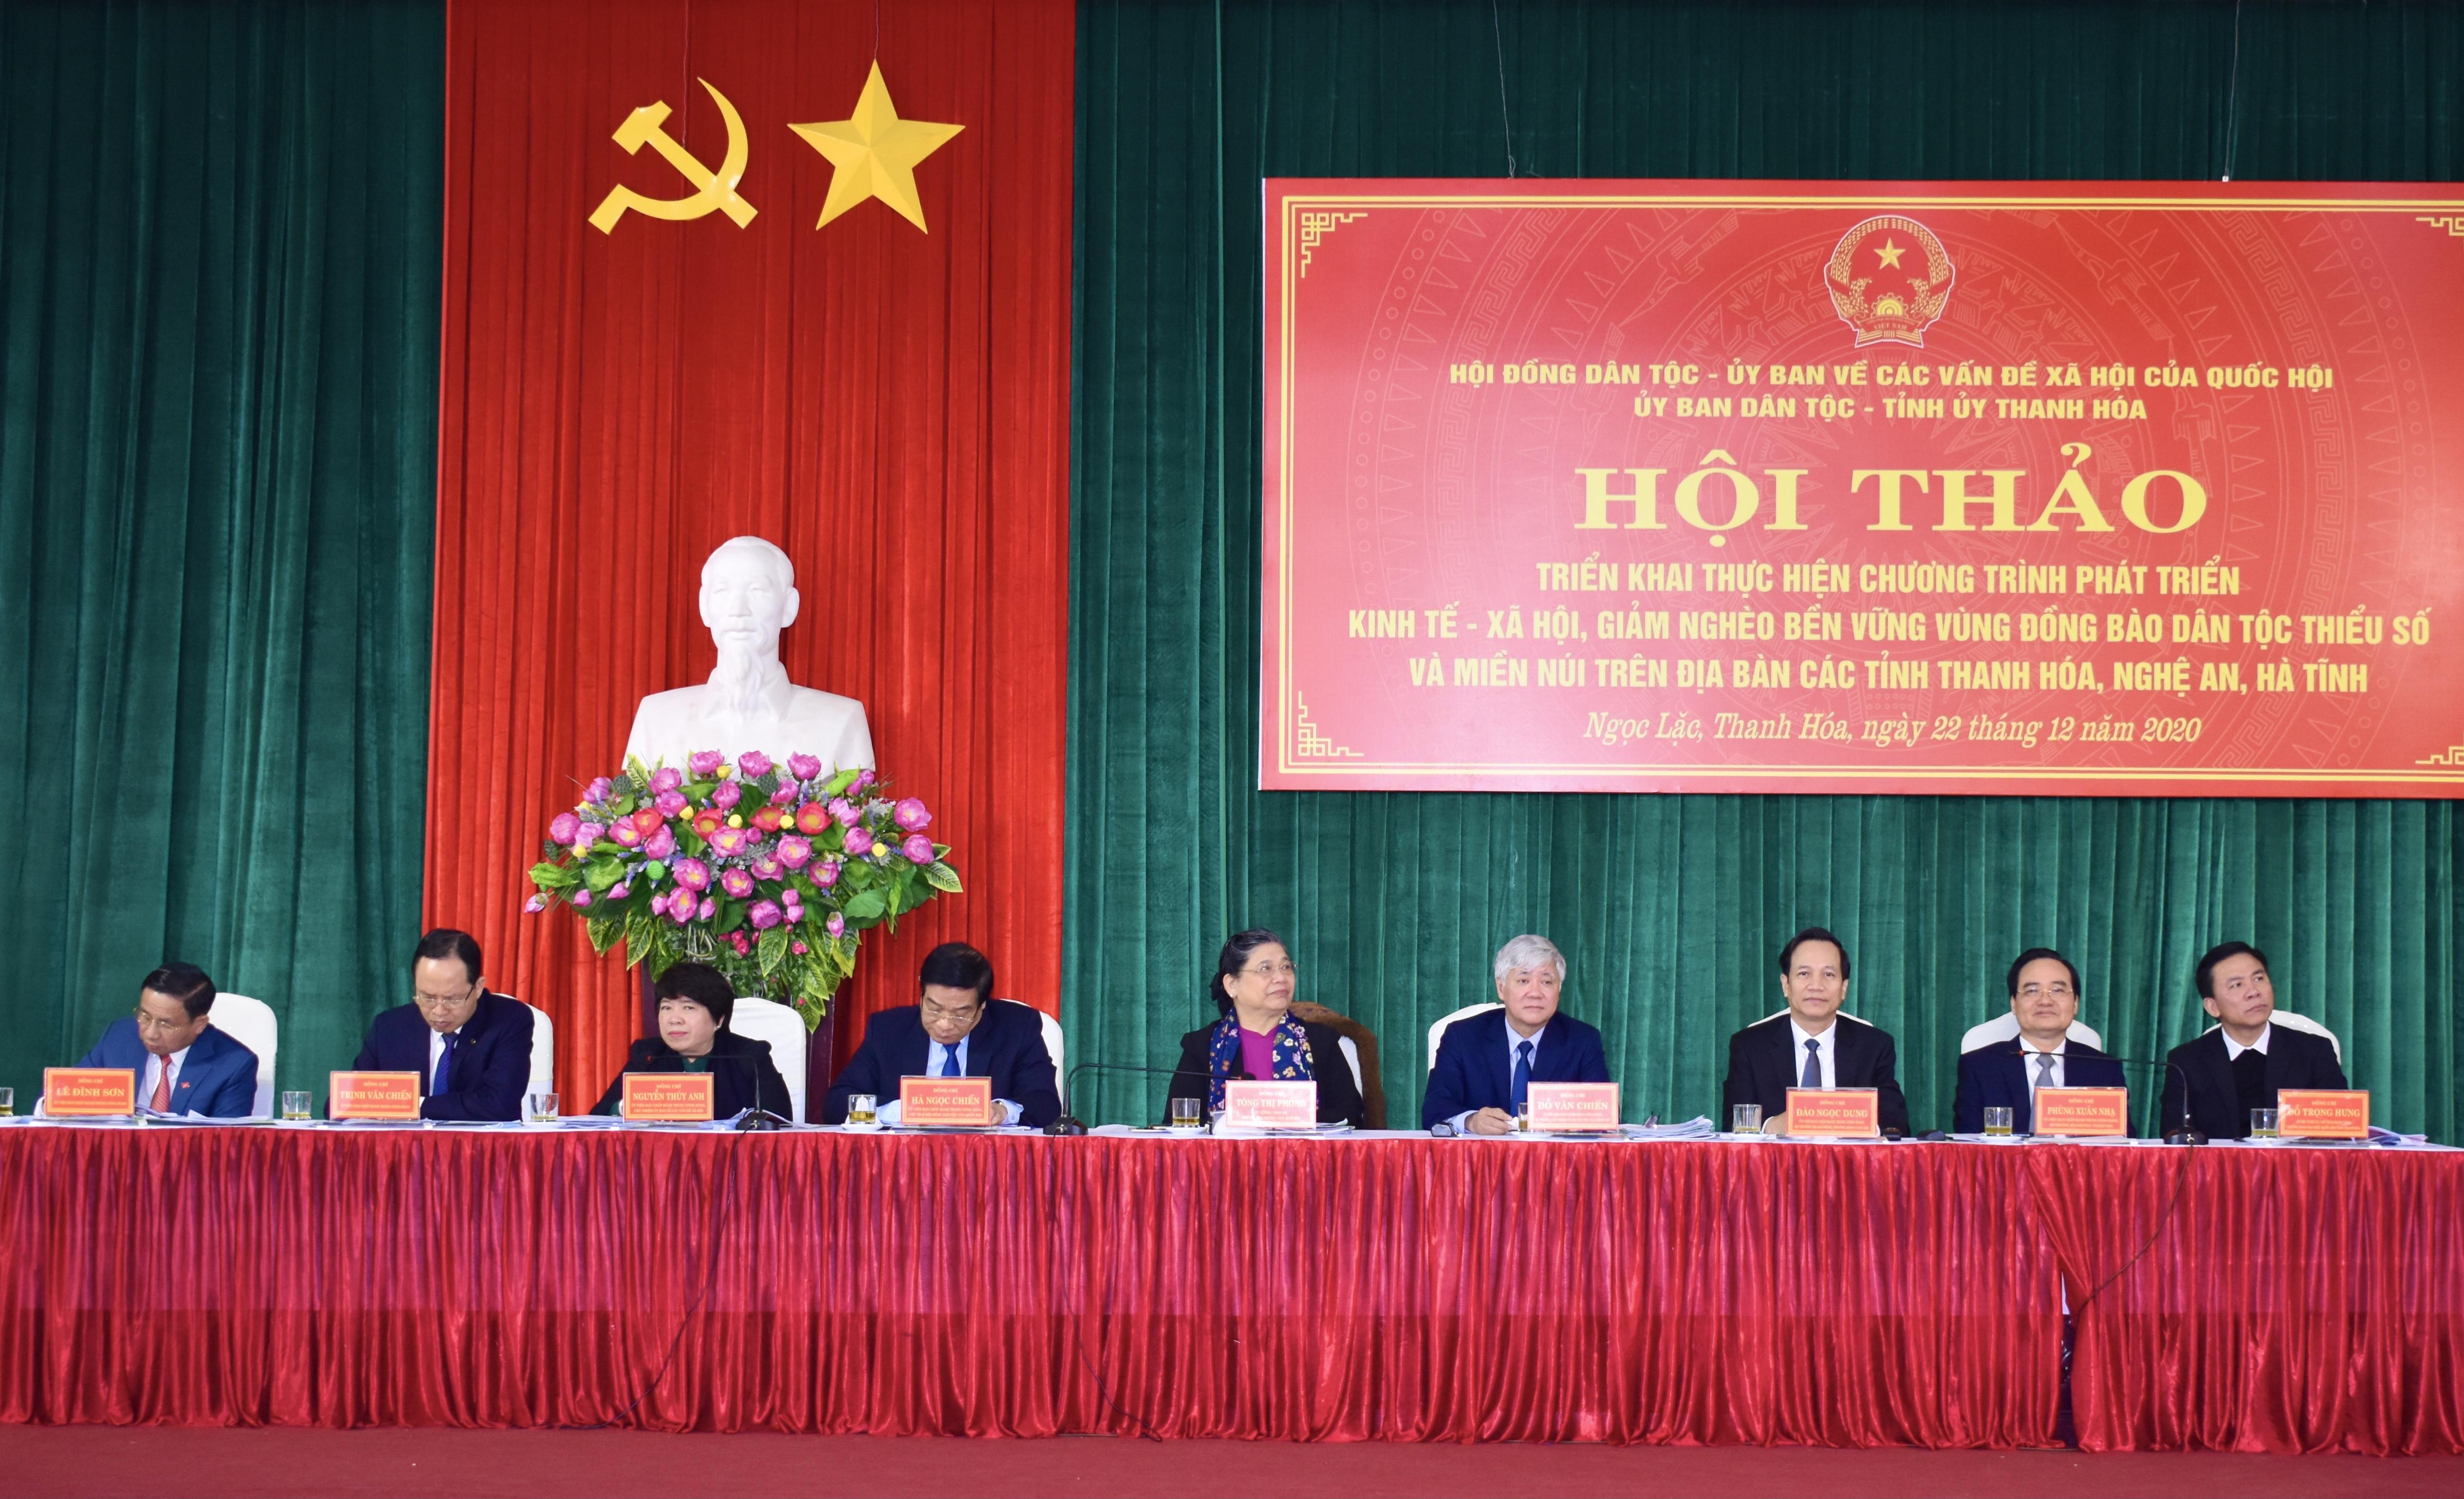 Giải pháp nâng cao chất lượng nhân lực vùng dân tộc và miền núi Thanh Hóa, Nghệ An, Hà Tĩnh